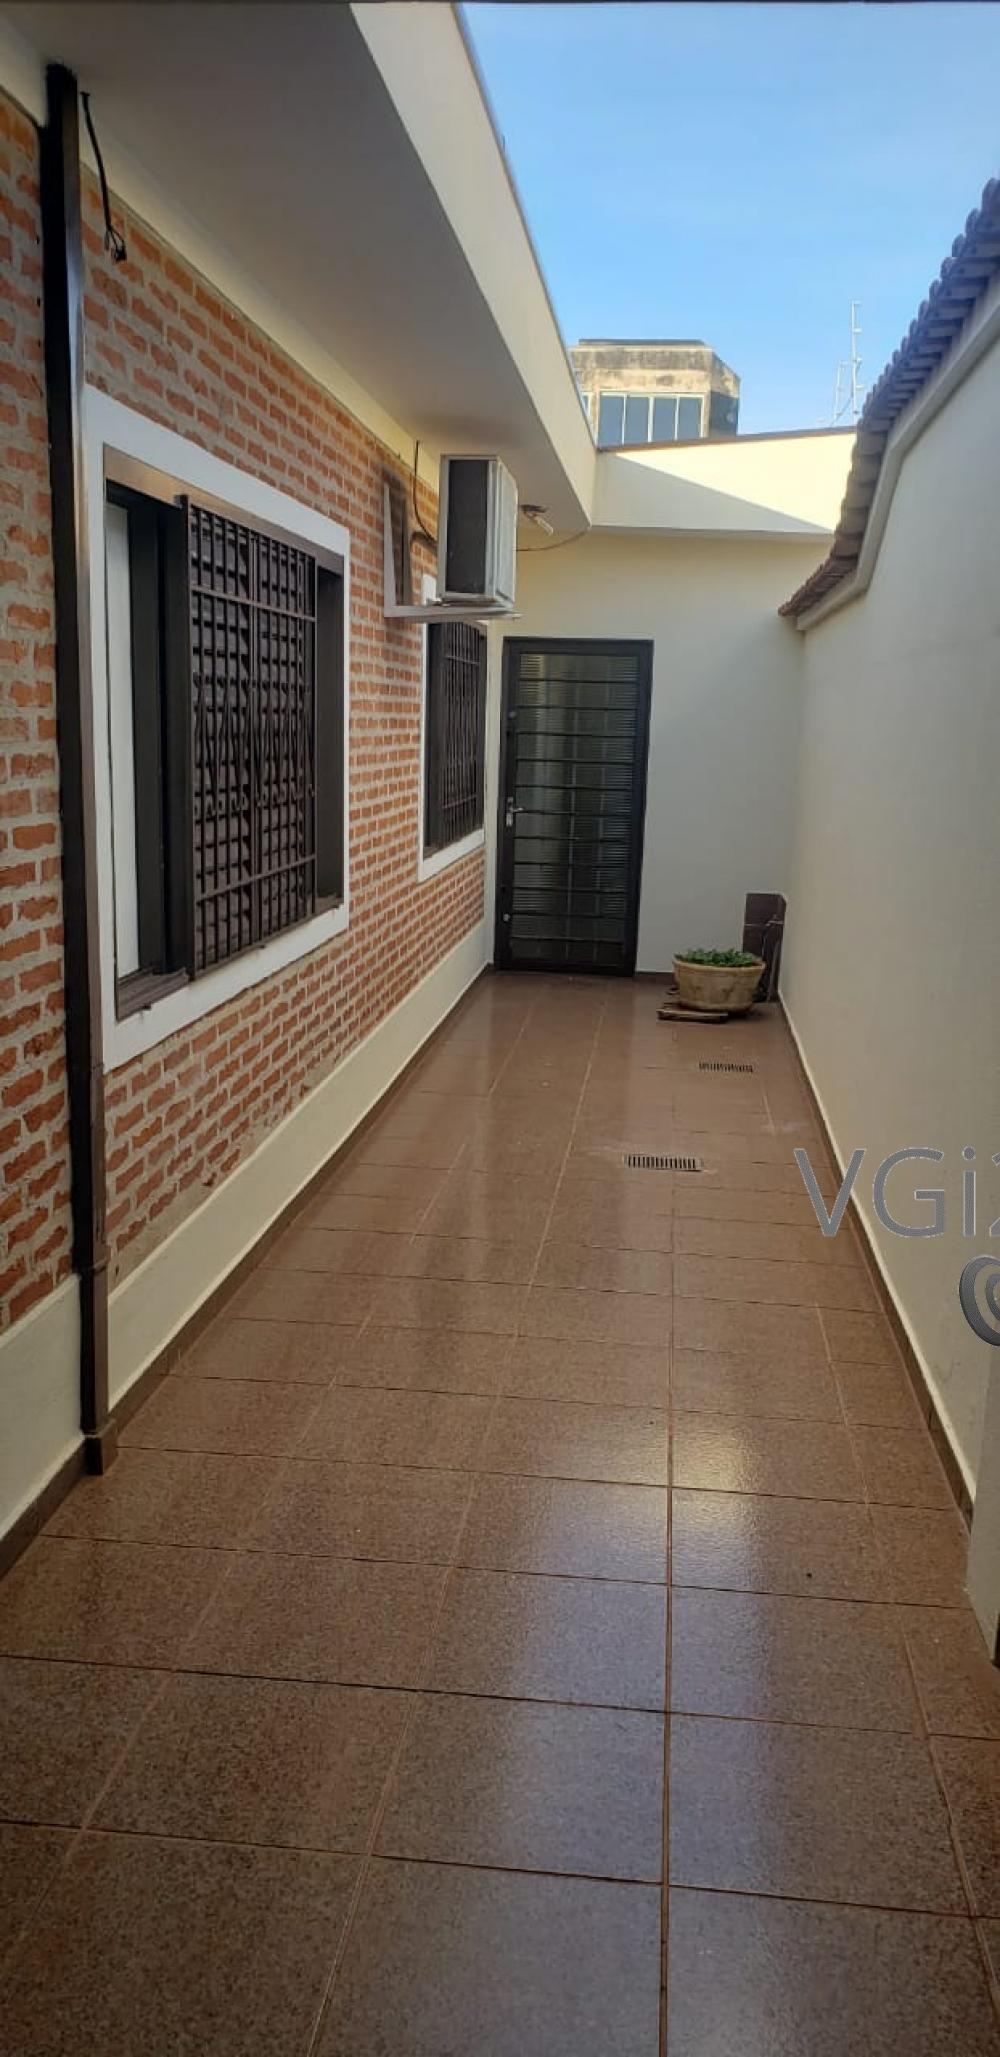 Comprar Casa / Padrão em Ribeirão Preto R$ 435.000,00 - Foto 18